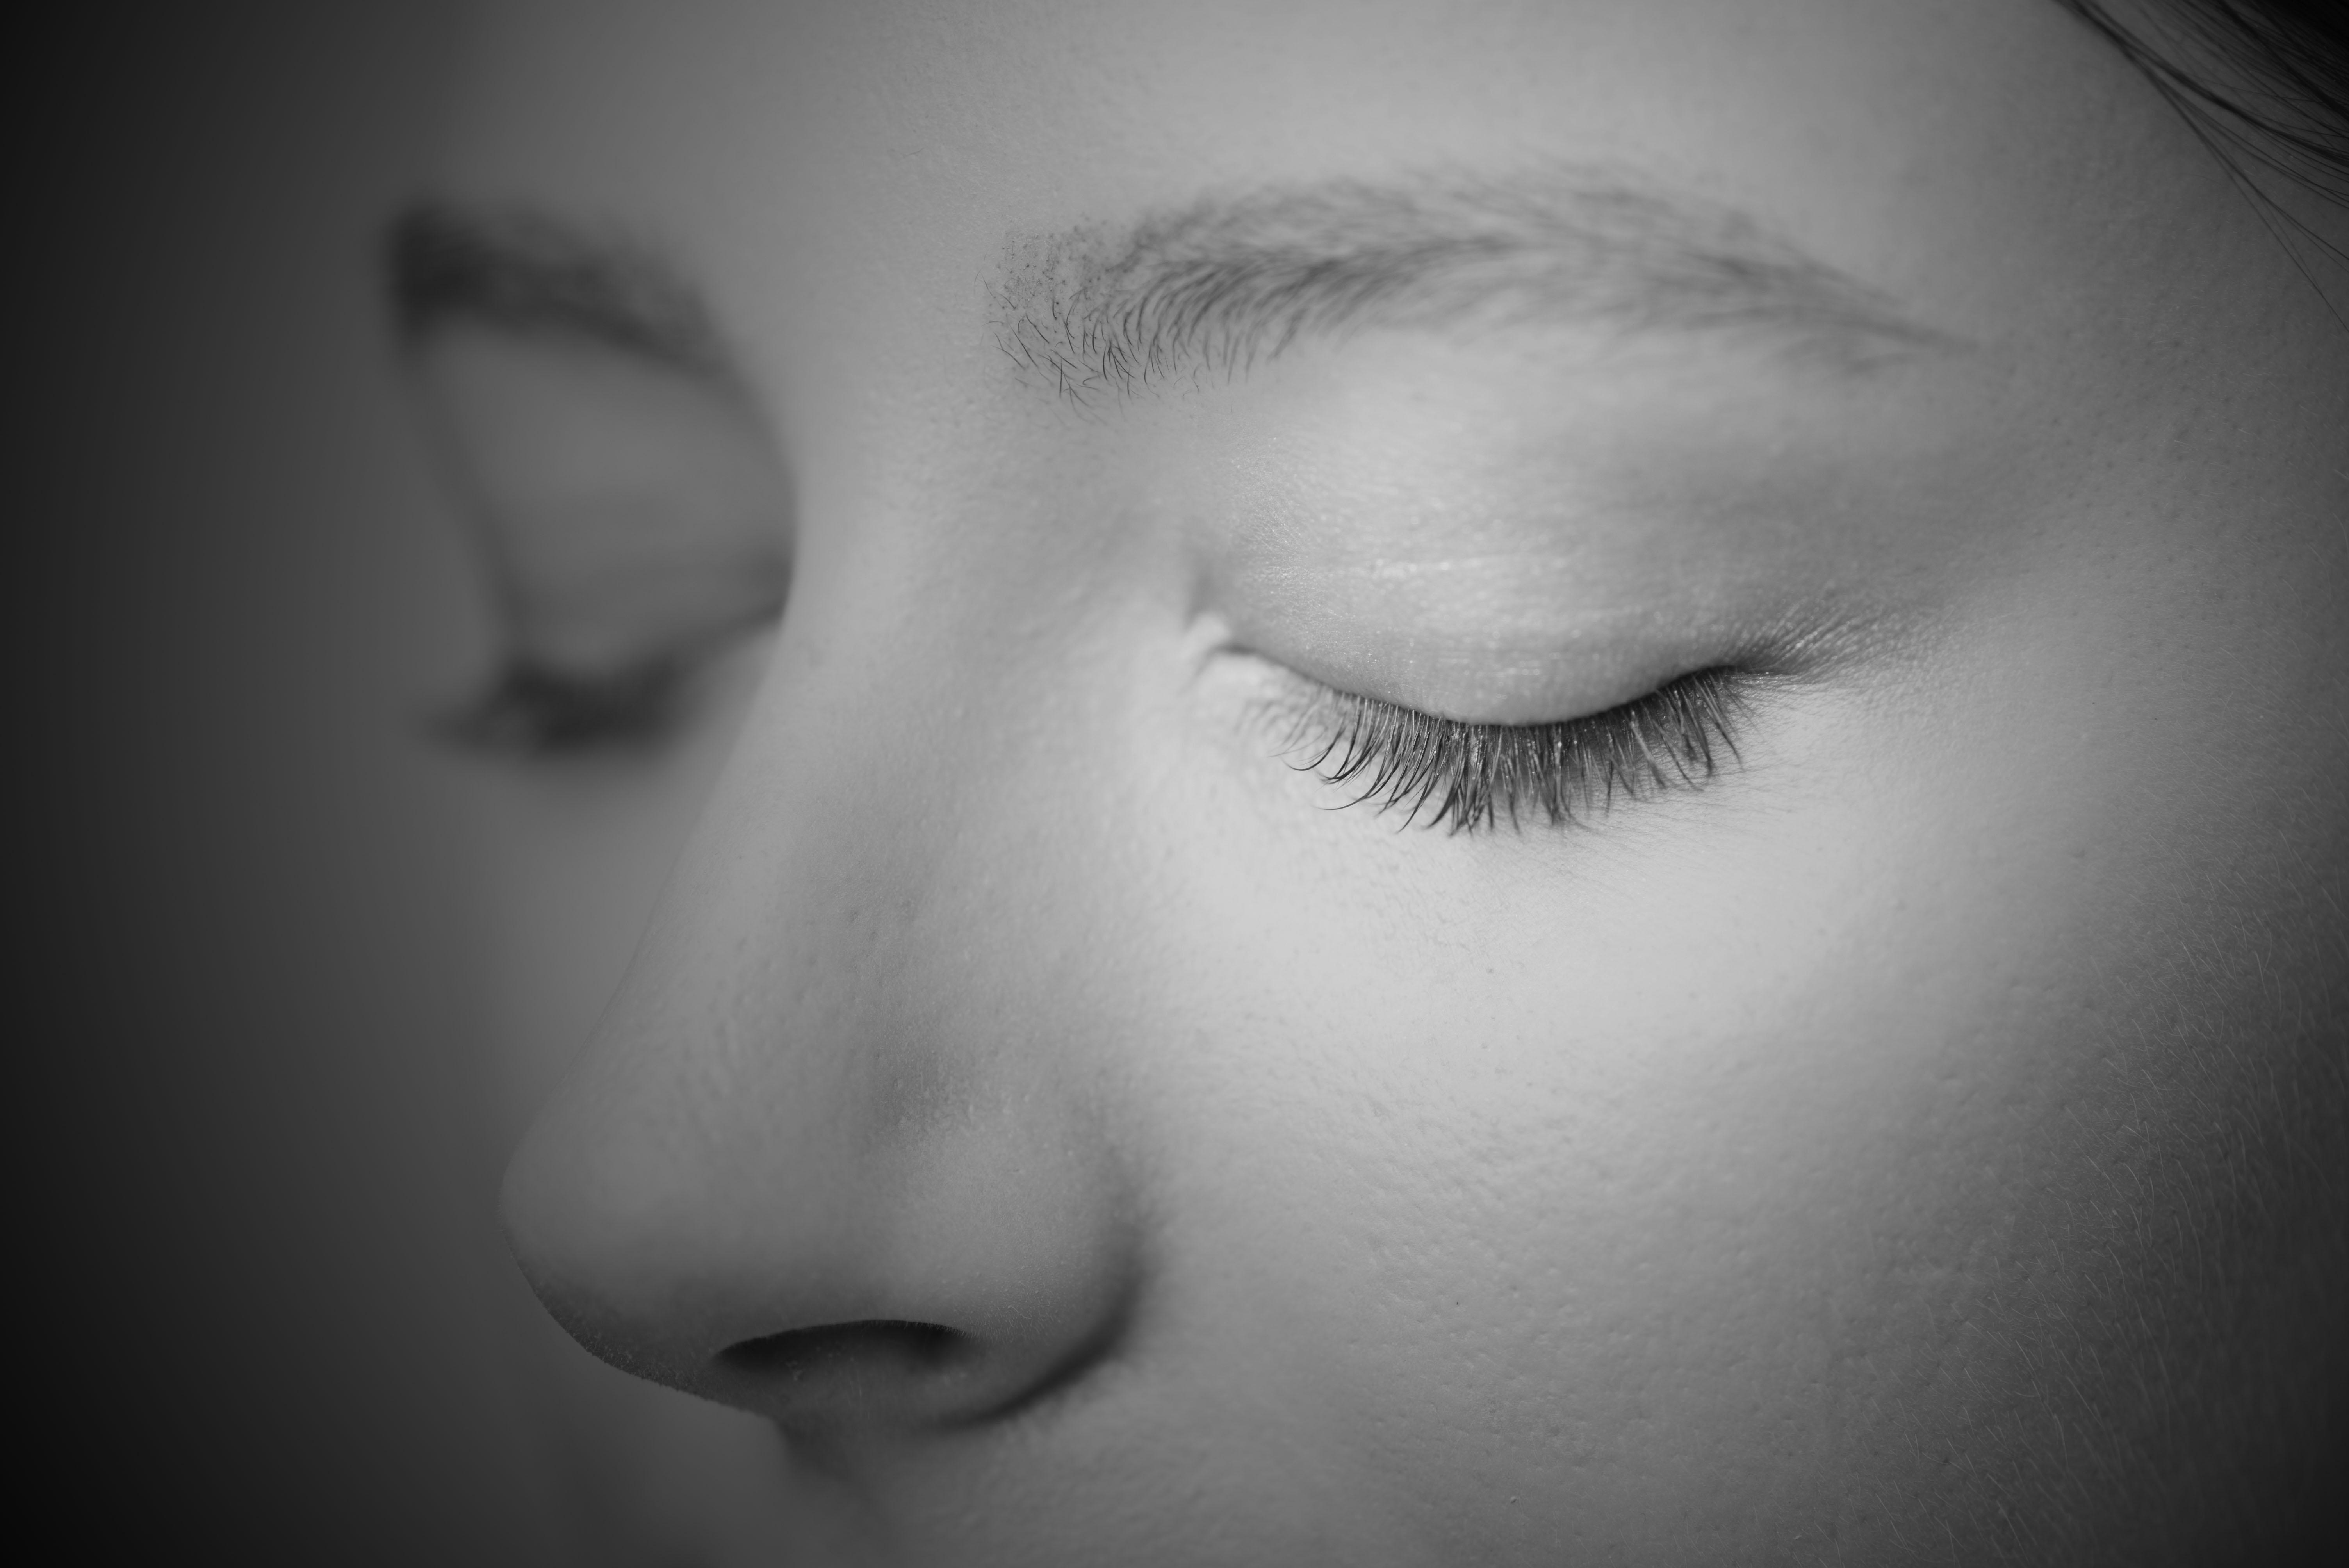 Descrição da imagem:foto em preto e branco do rosto de uma mulher de olhos fechados.